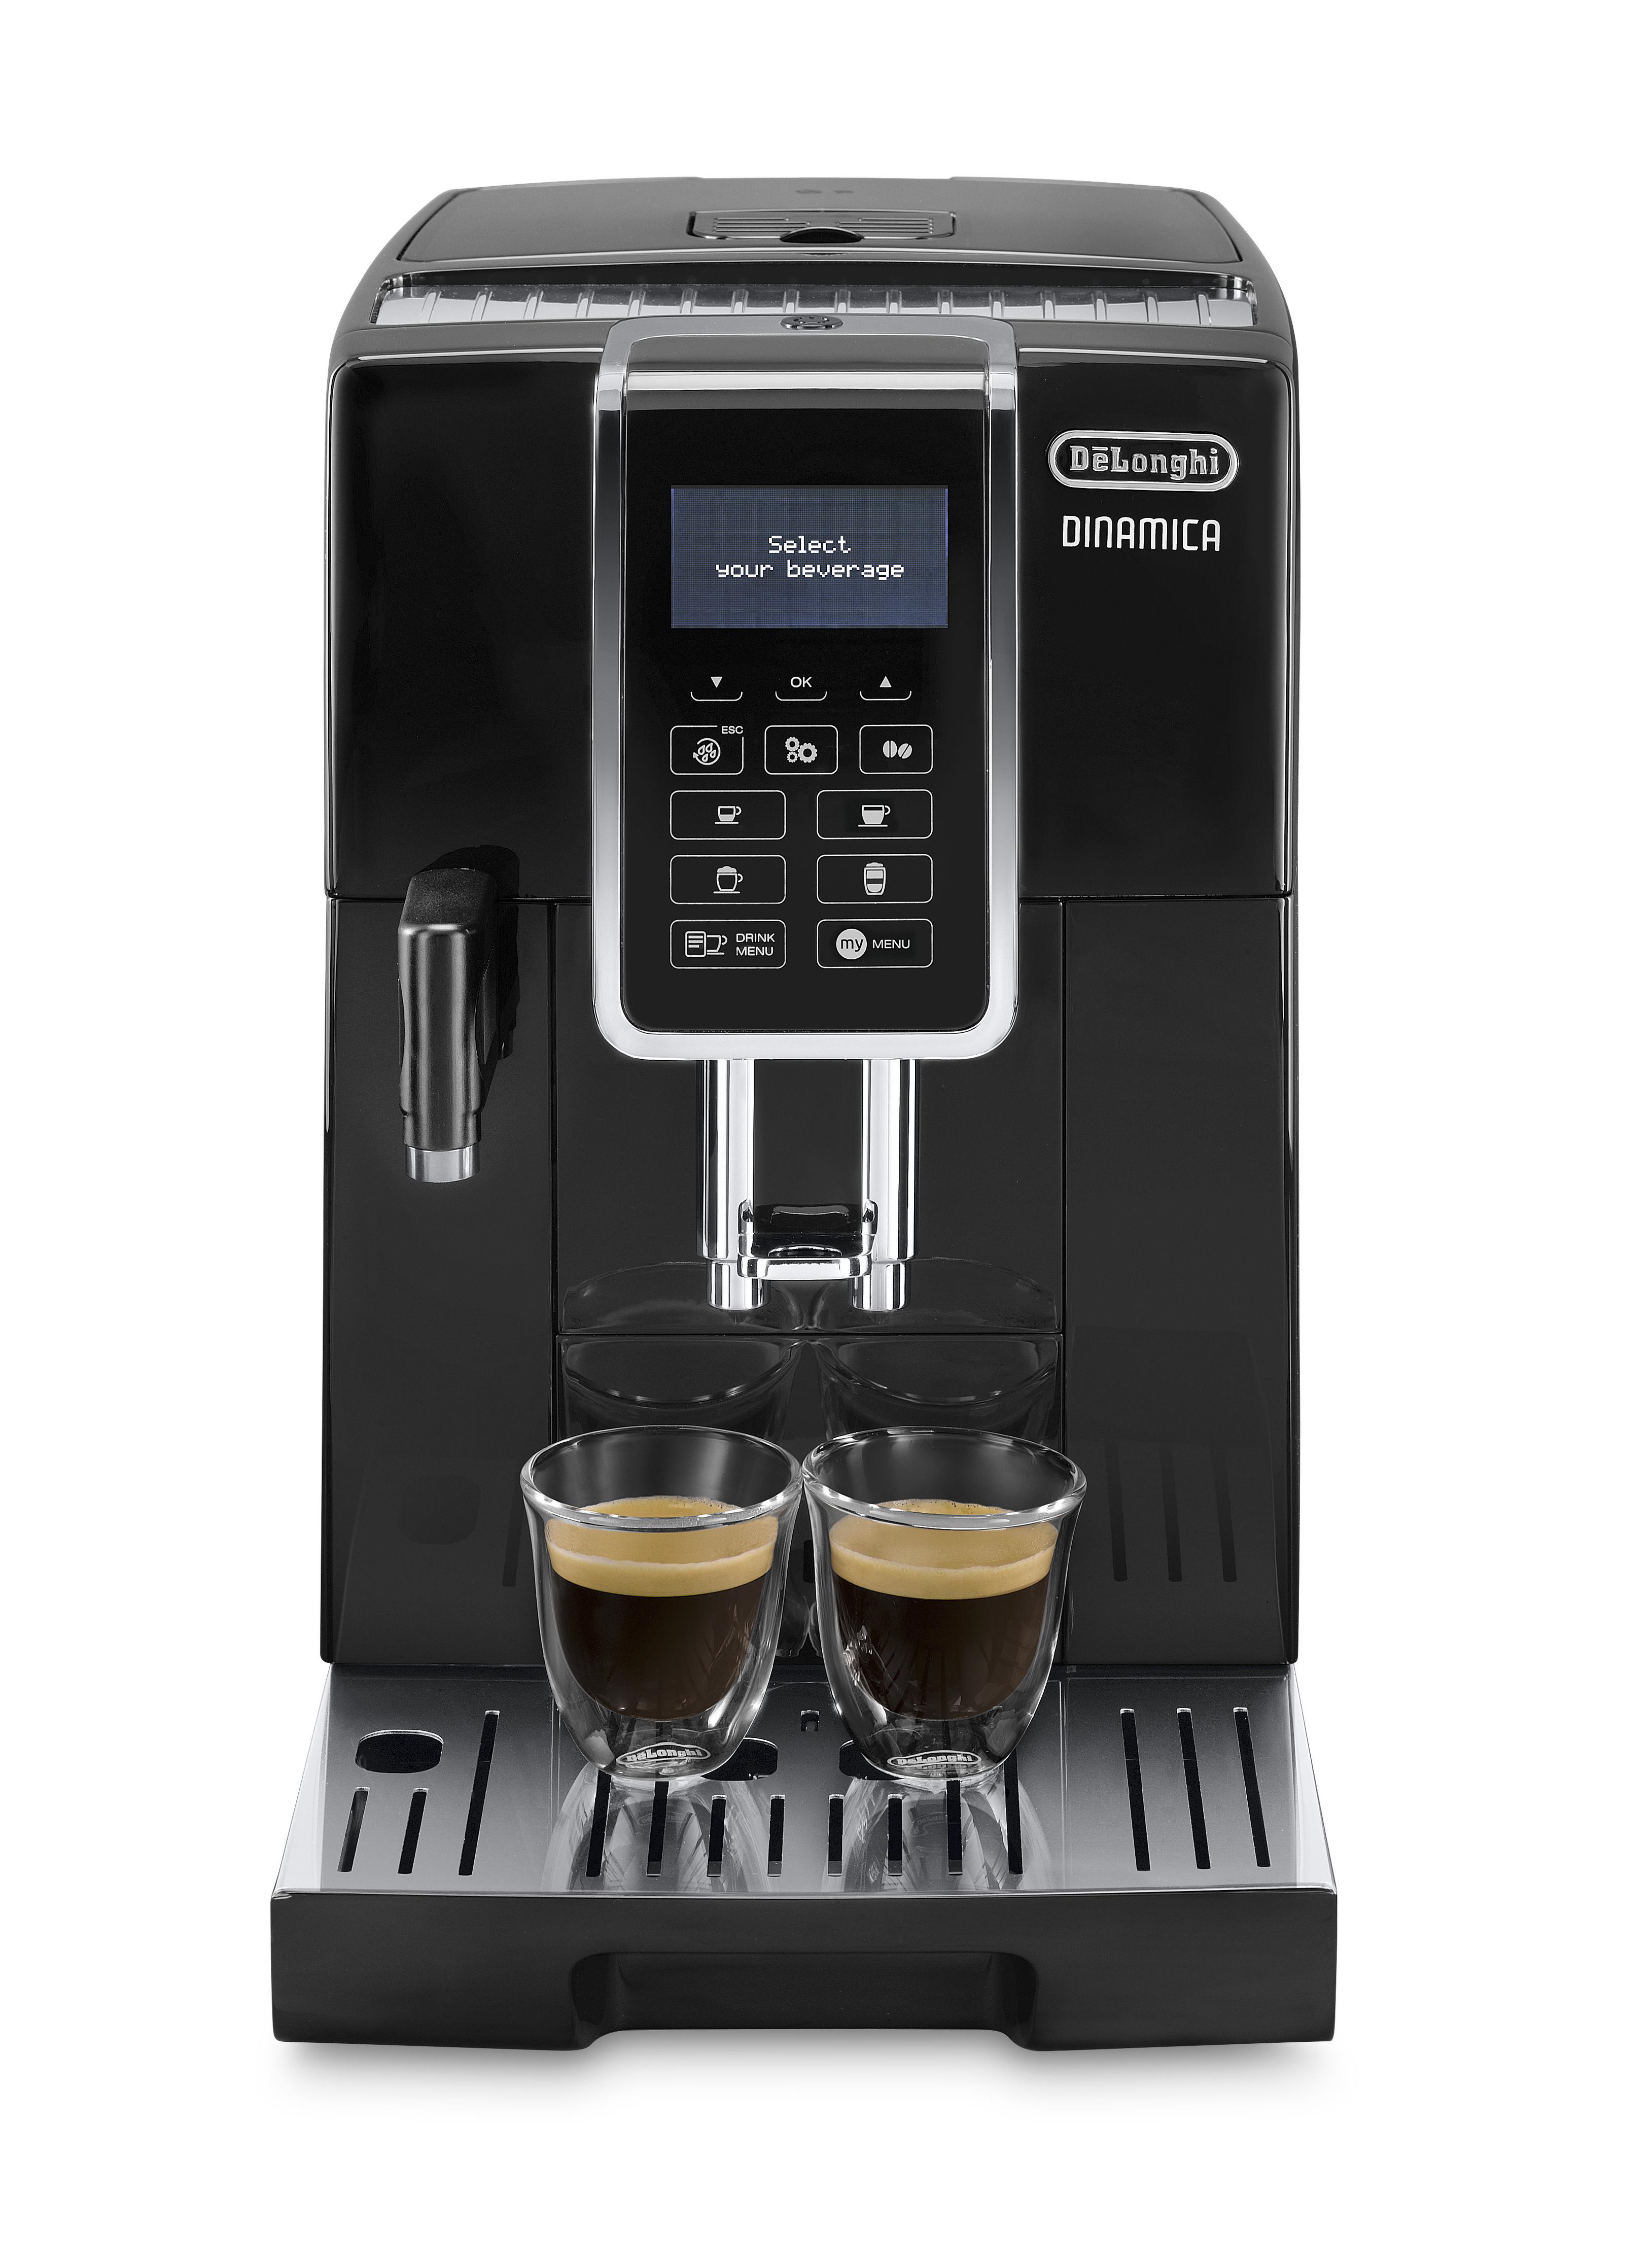 Кофеварка / кофемашина DeLonghi Dinamica ECAM 350.55.B